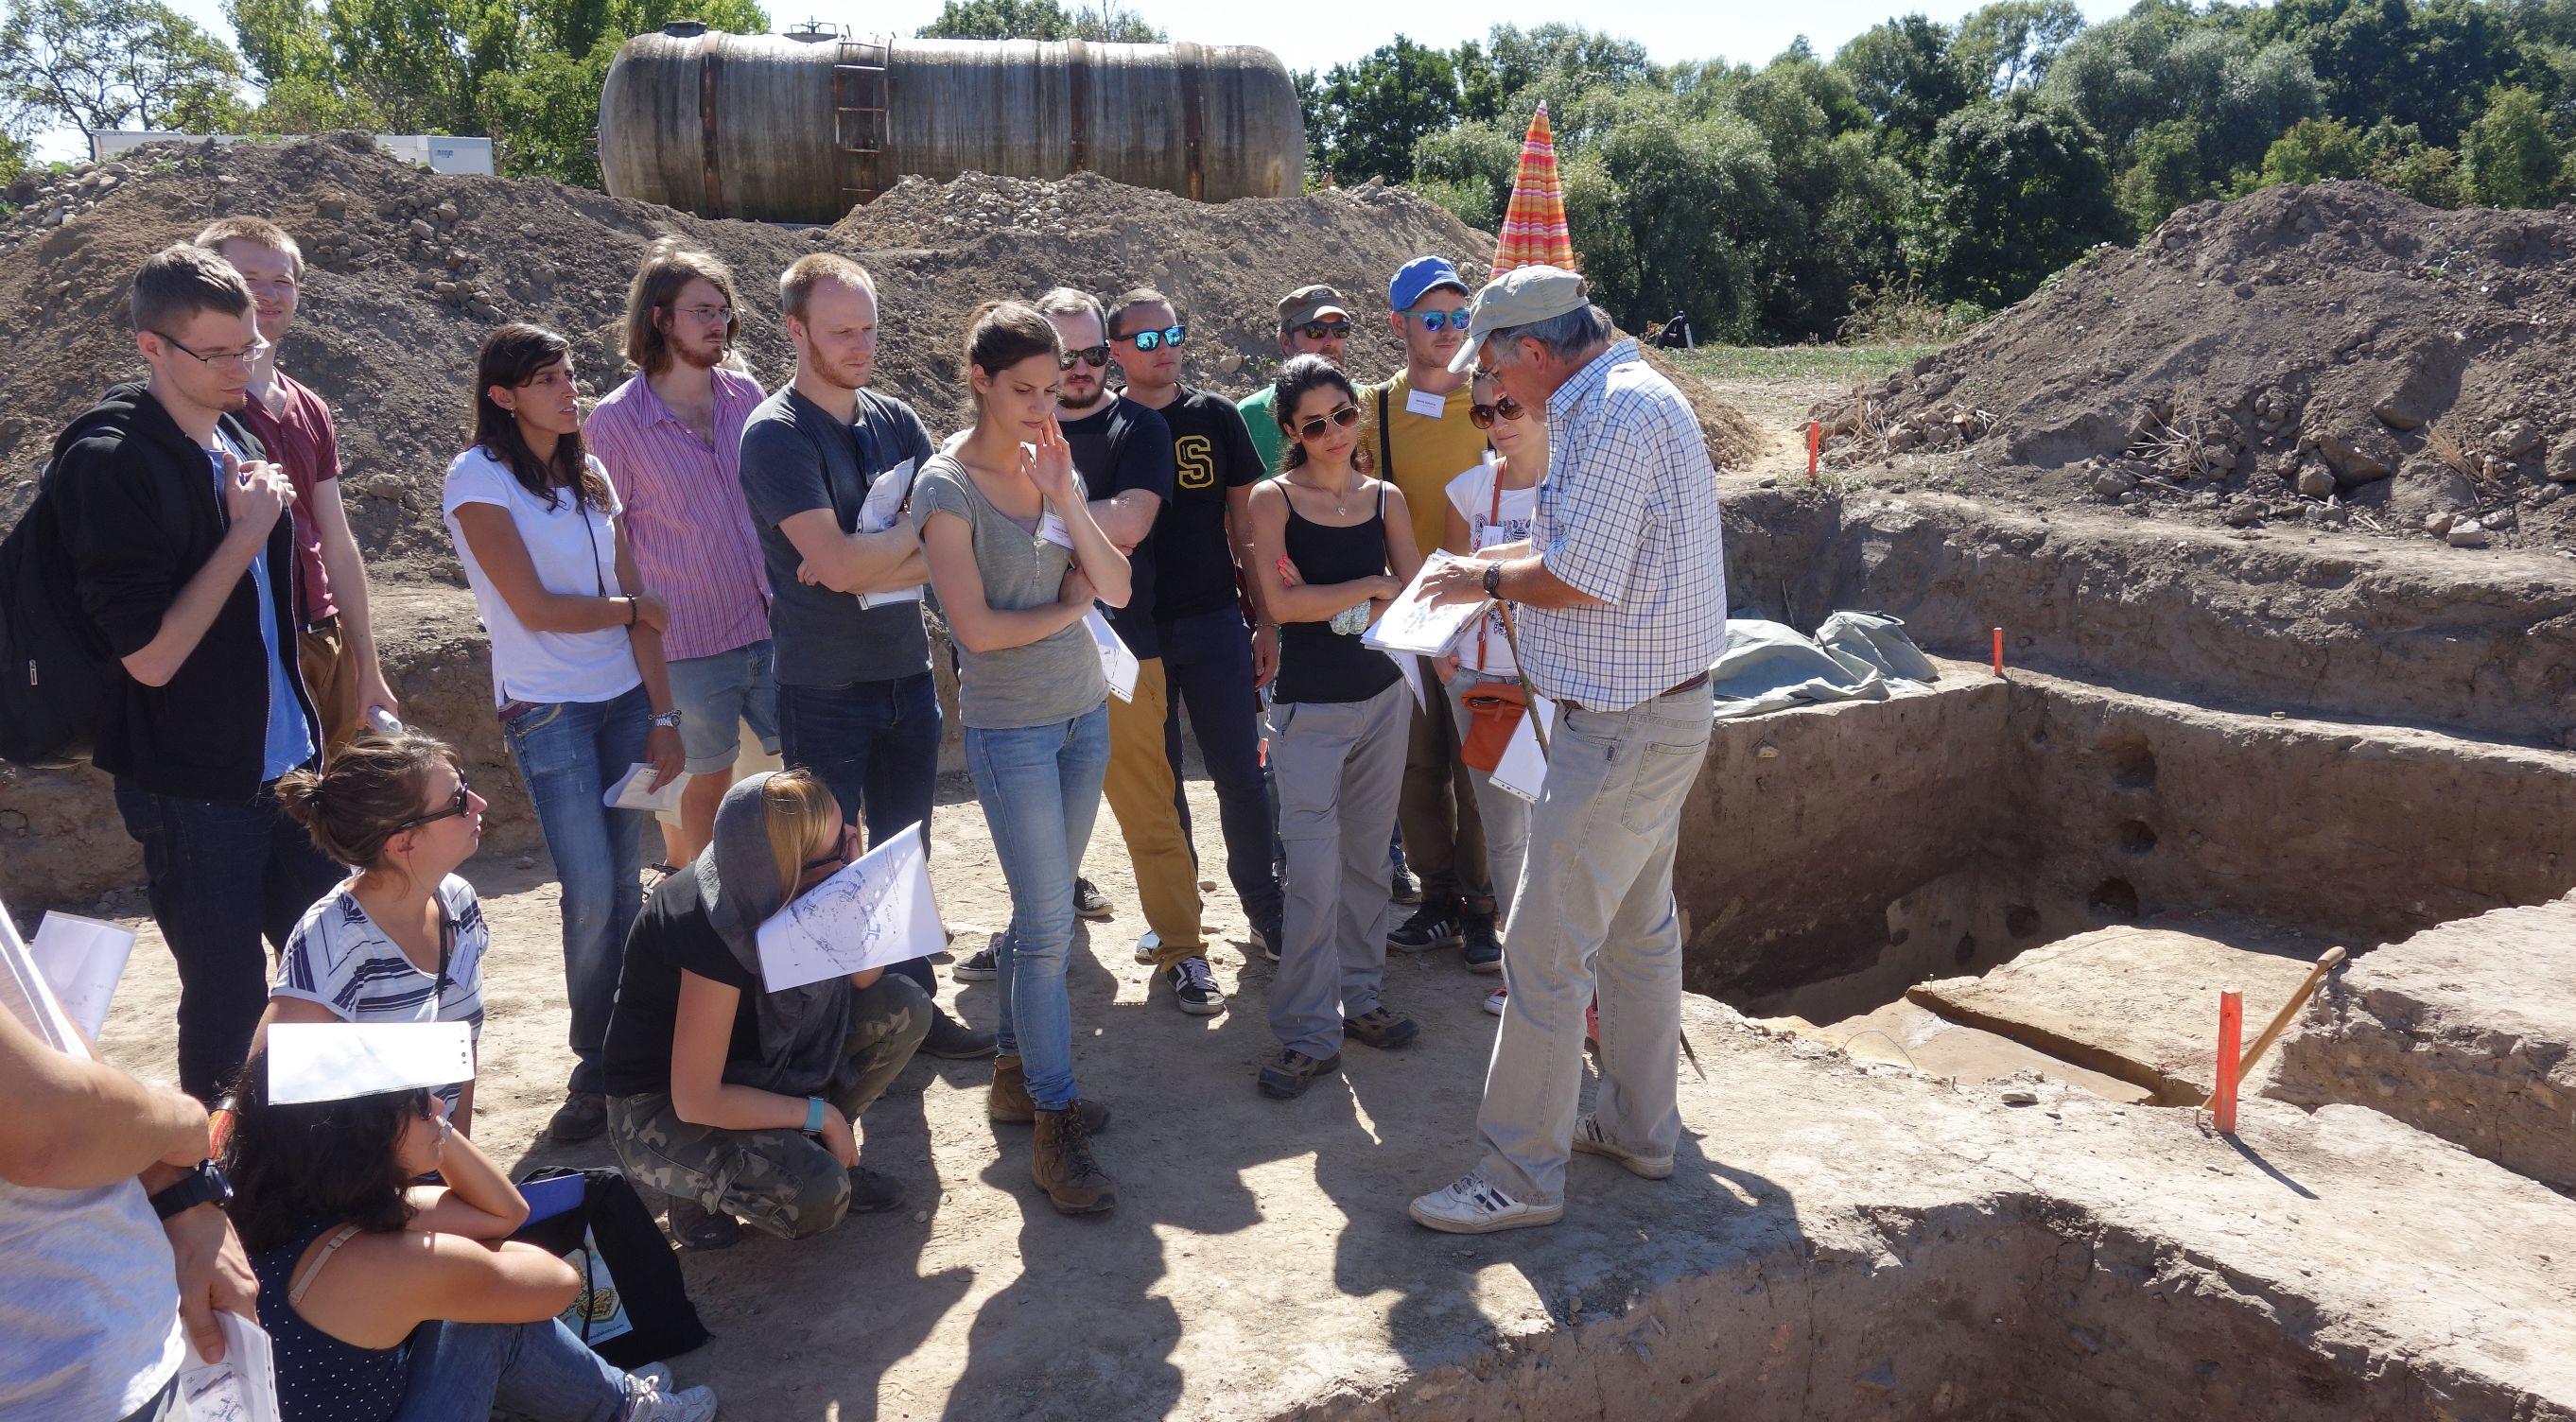 Der Archäologe Wolfram Schier führte die Teilnehmer durch die Ausgrabung einer neolithischen Kreisgrabenanlage in Quedlinburg | Foto: Berliner Antike-Kolleg